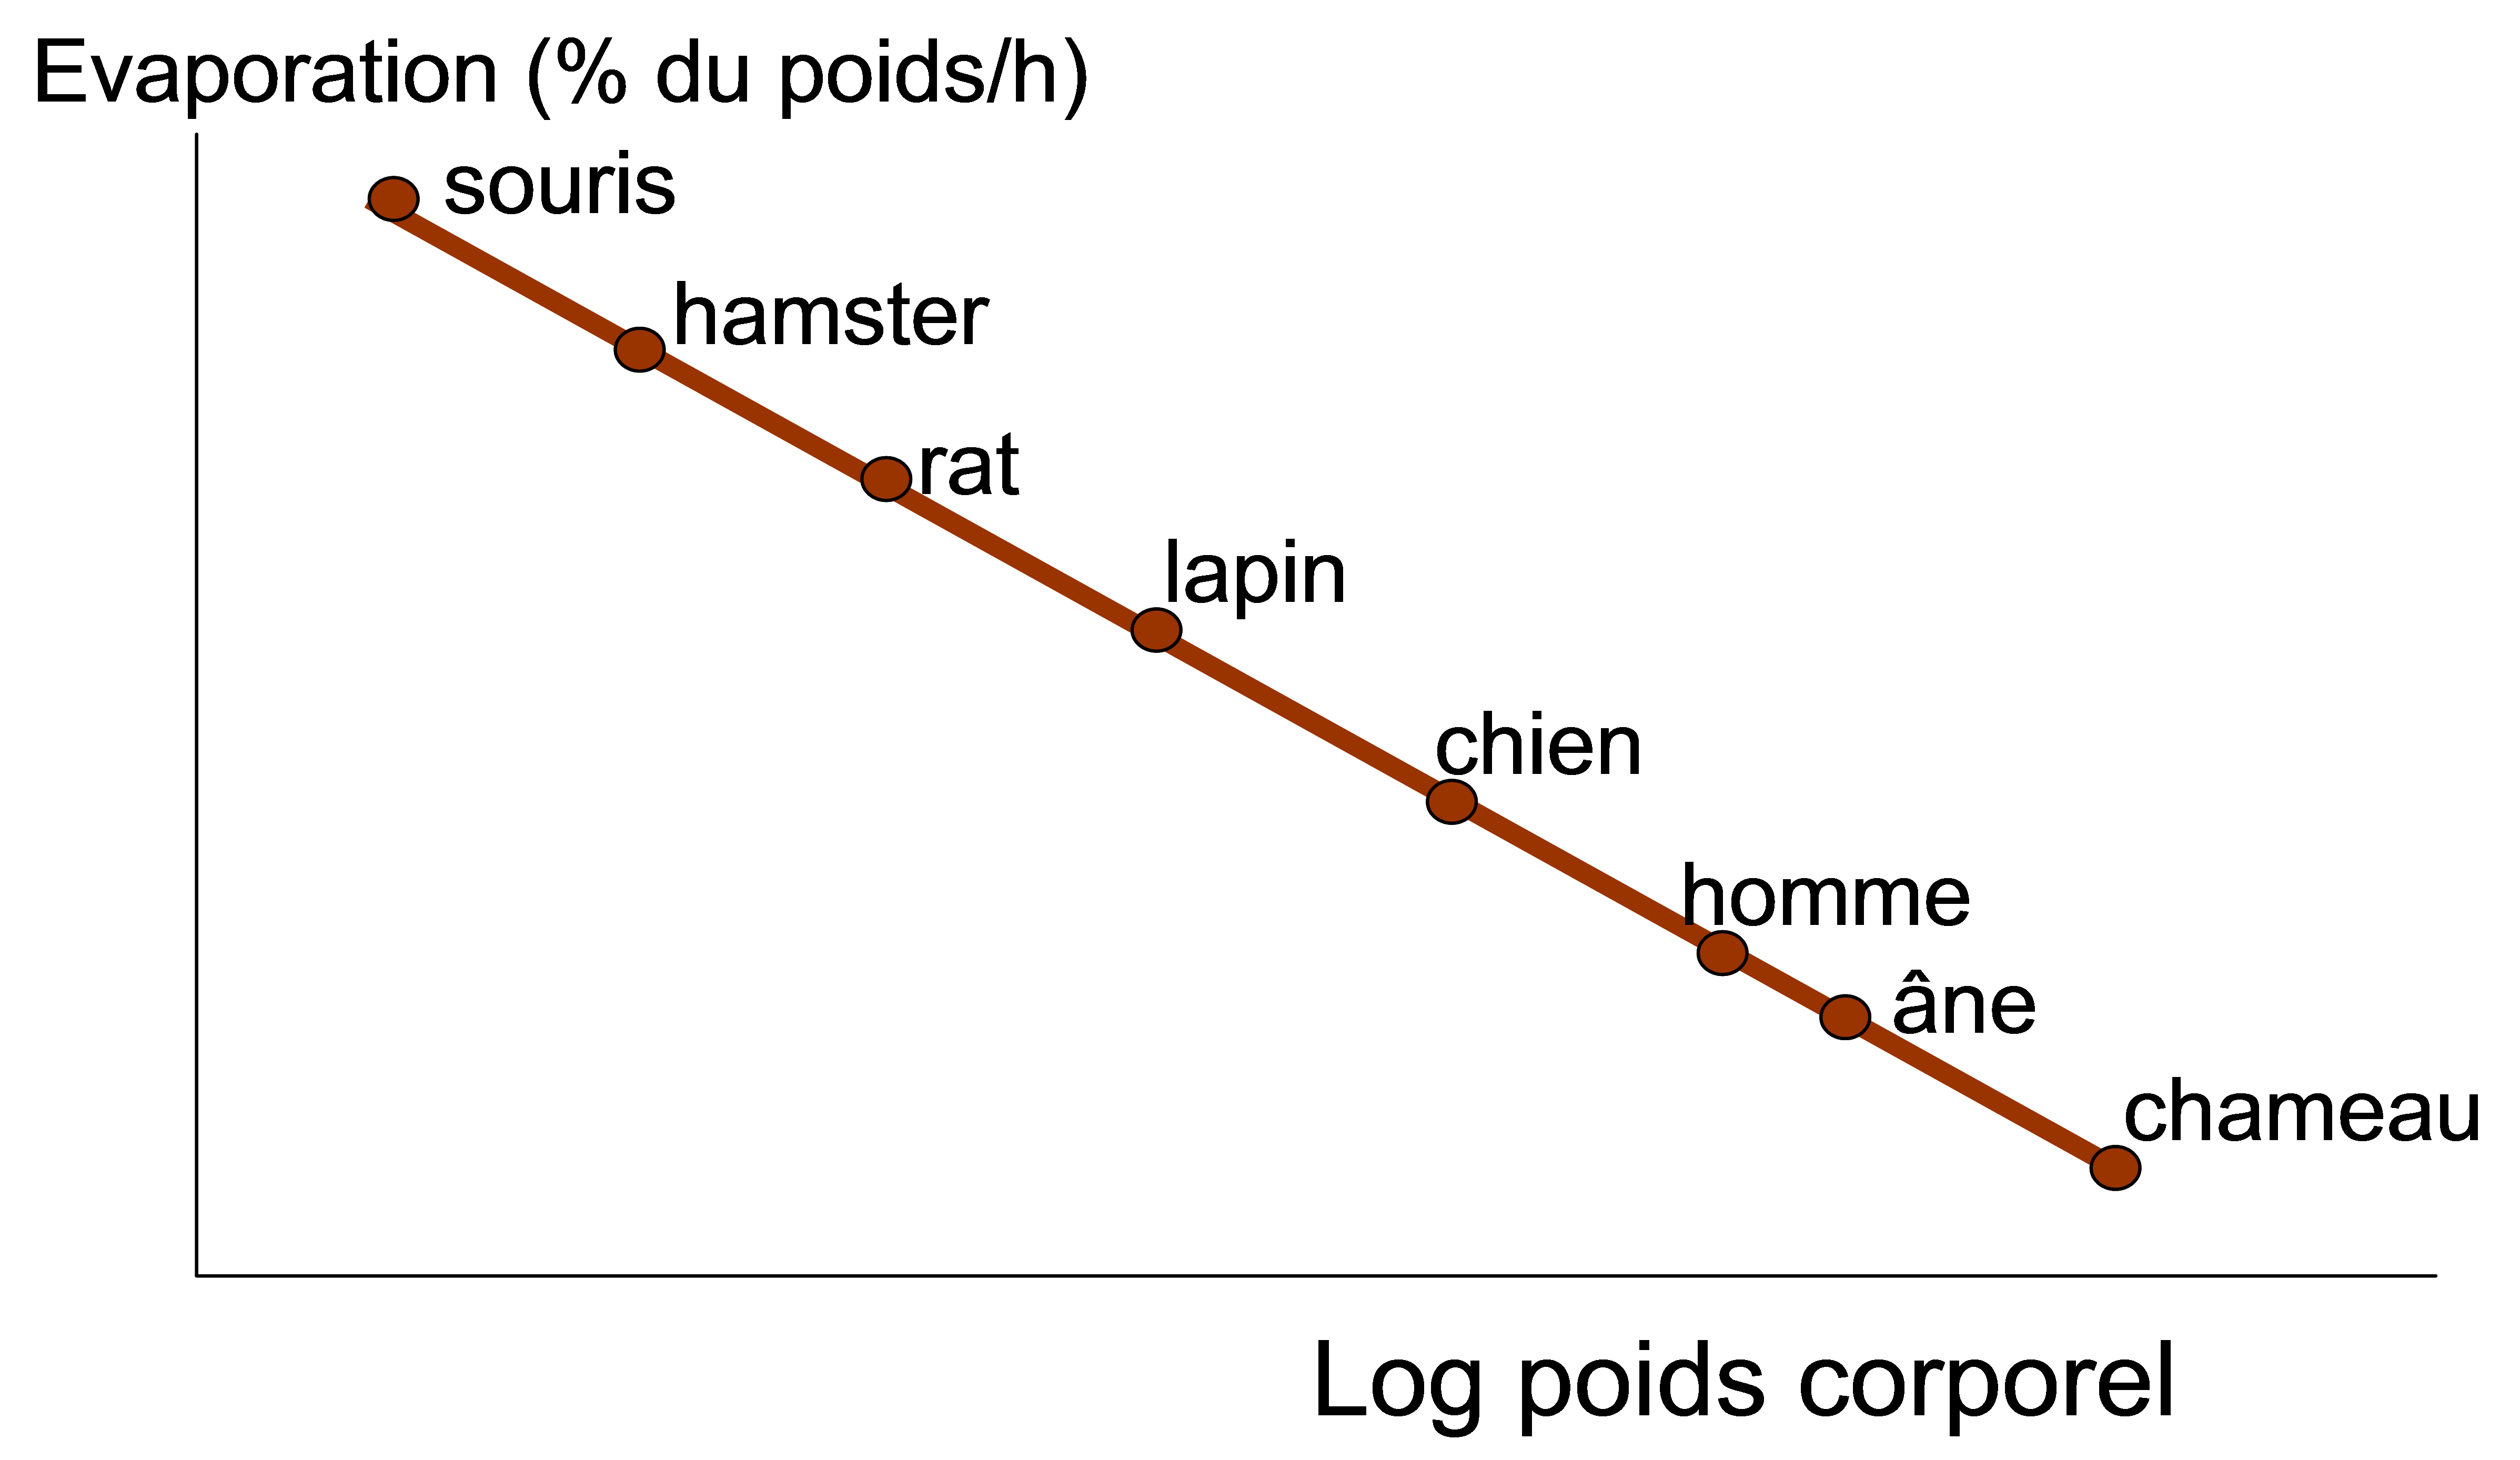 graphique évaporation de l'eau